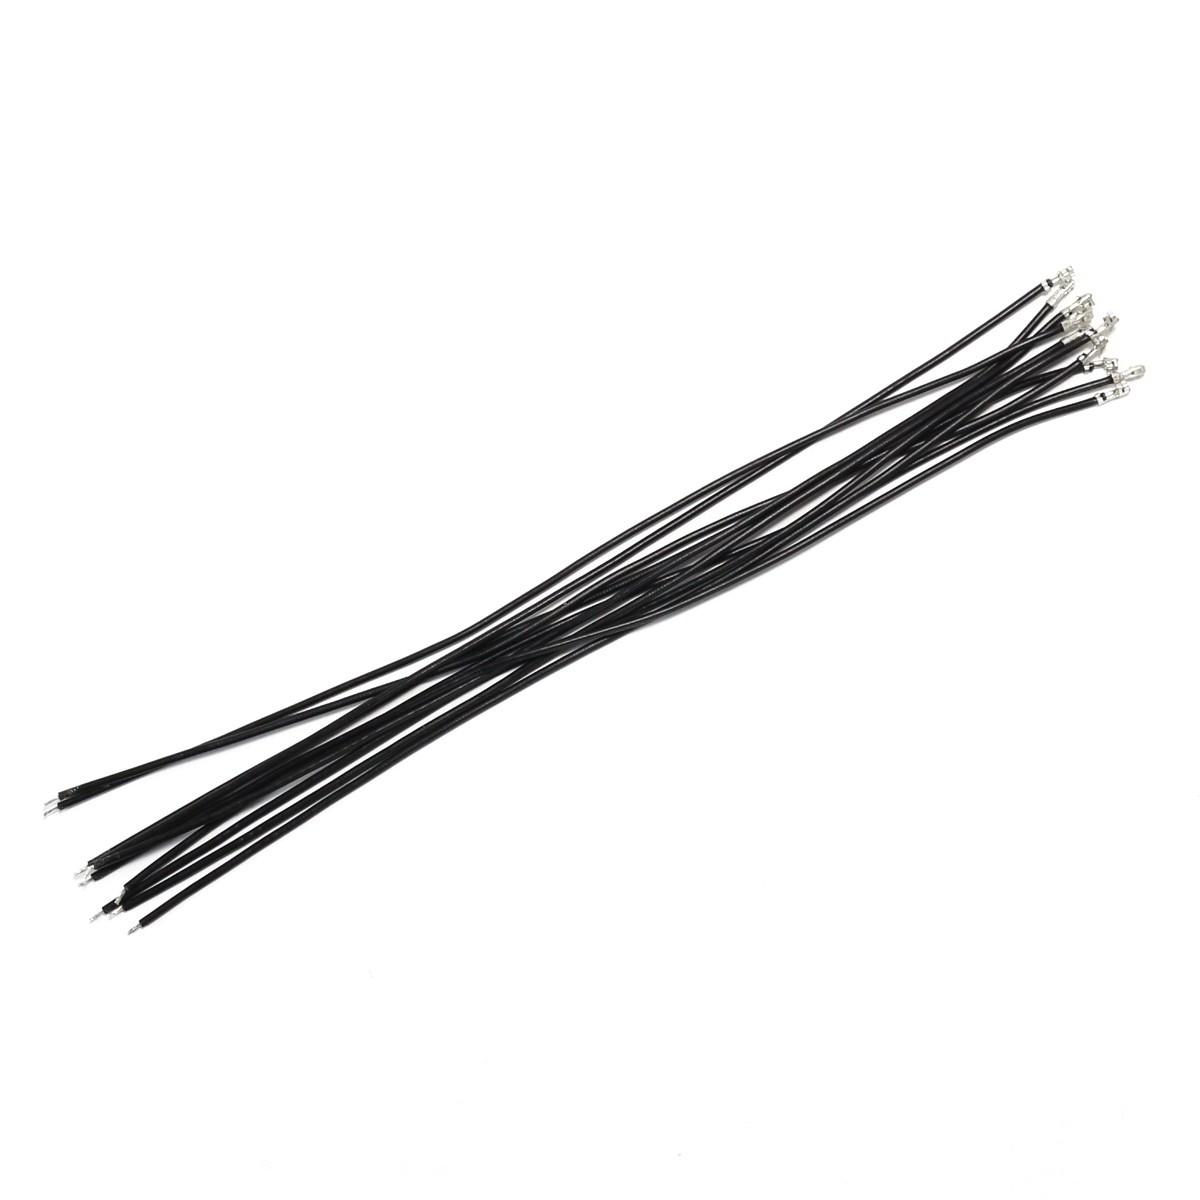 Câble d'Interconnexion pour XHP vers Fil Nu 2.54mm 1 Pin 20cm Noir (x10)